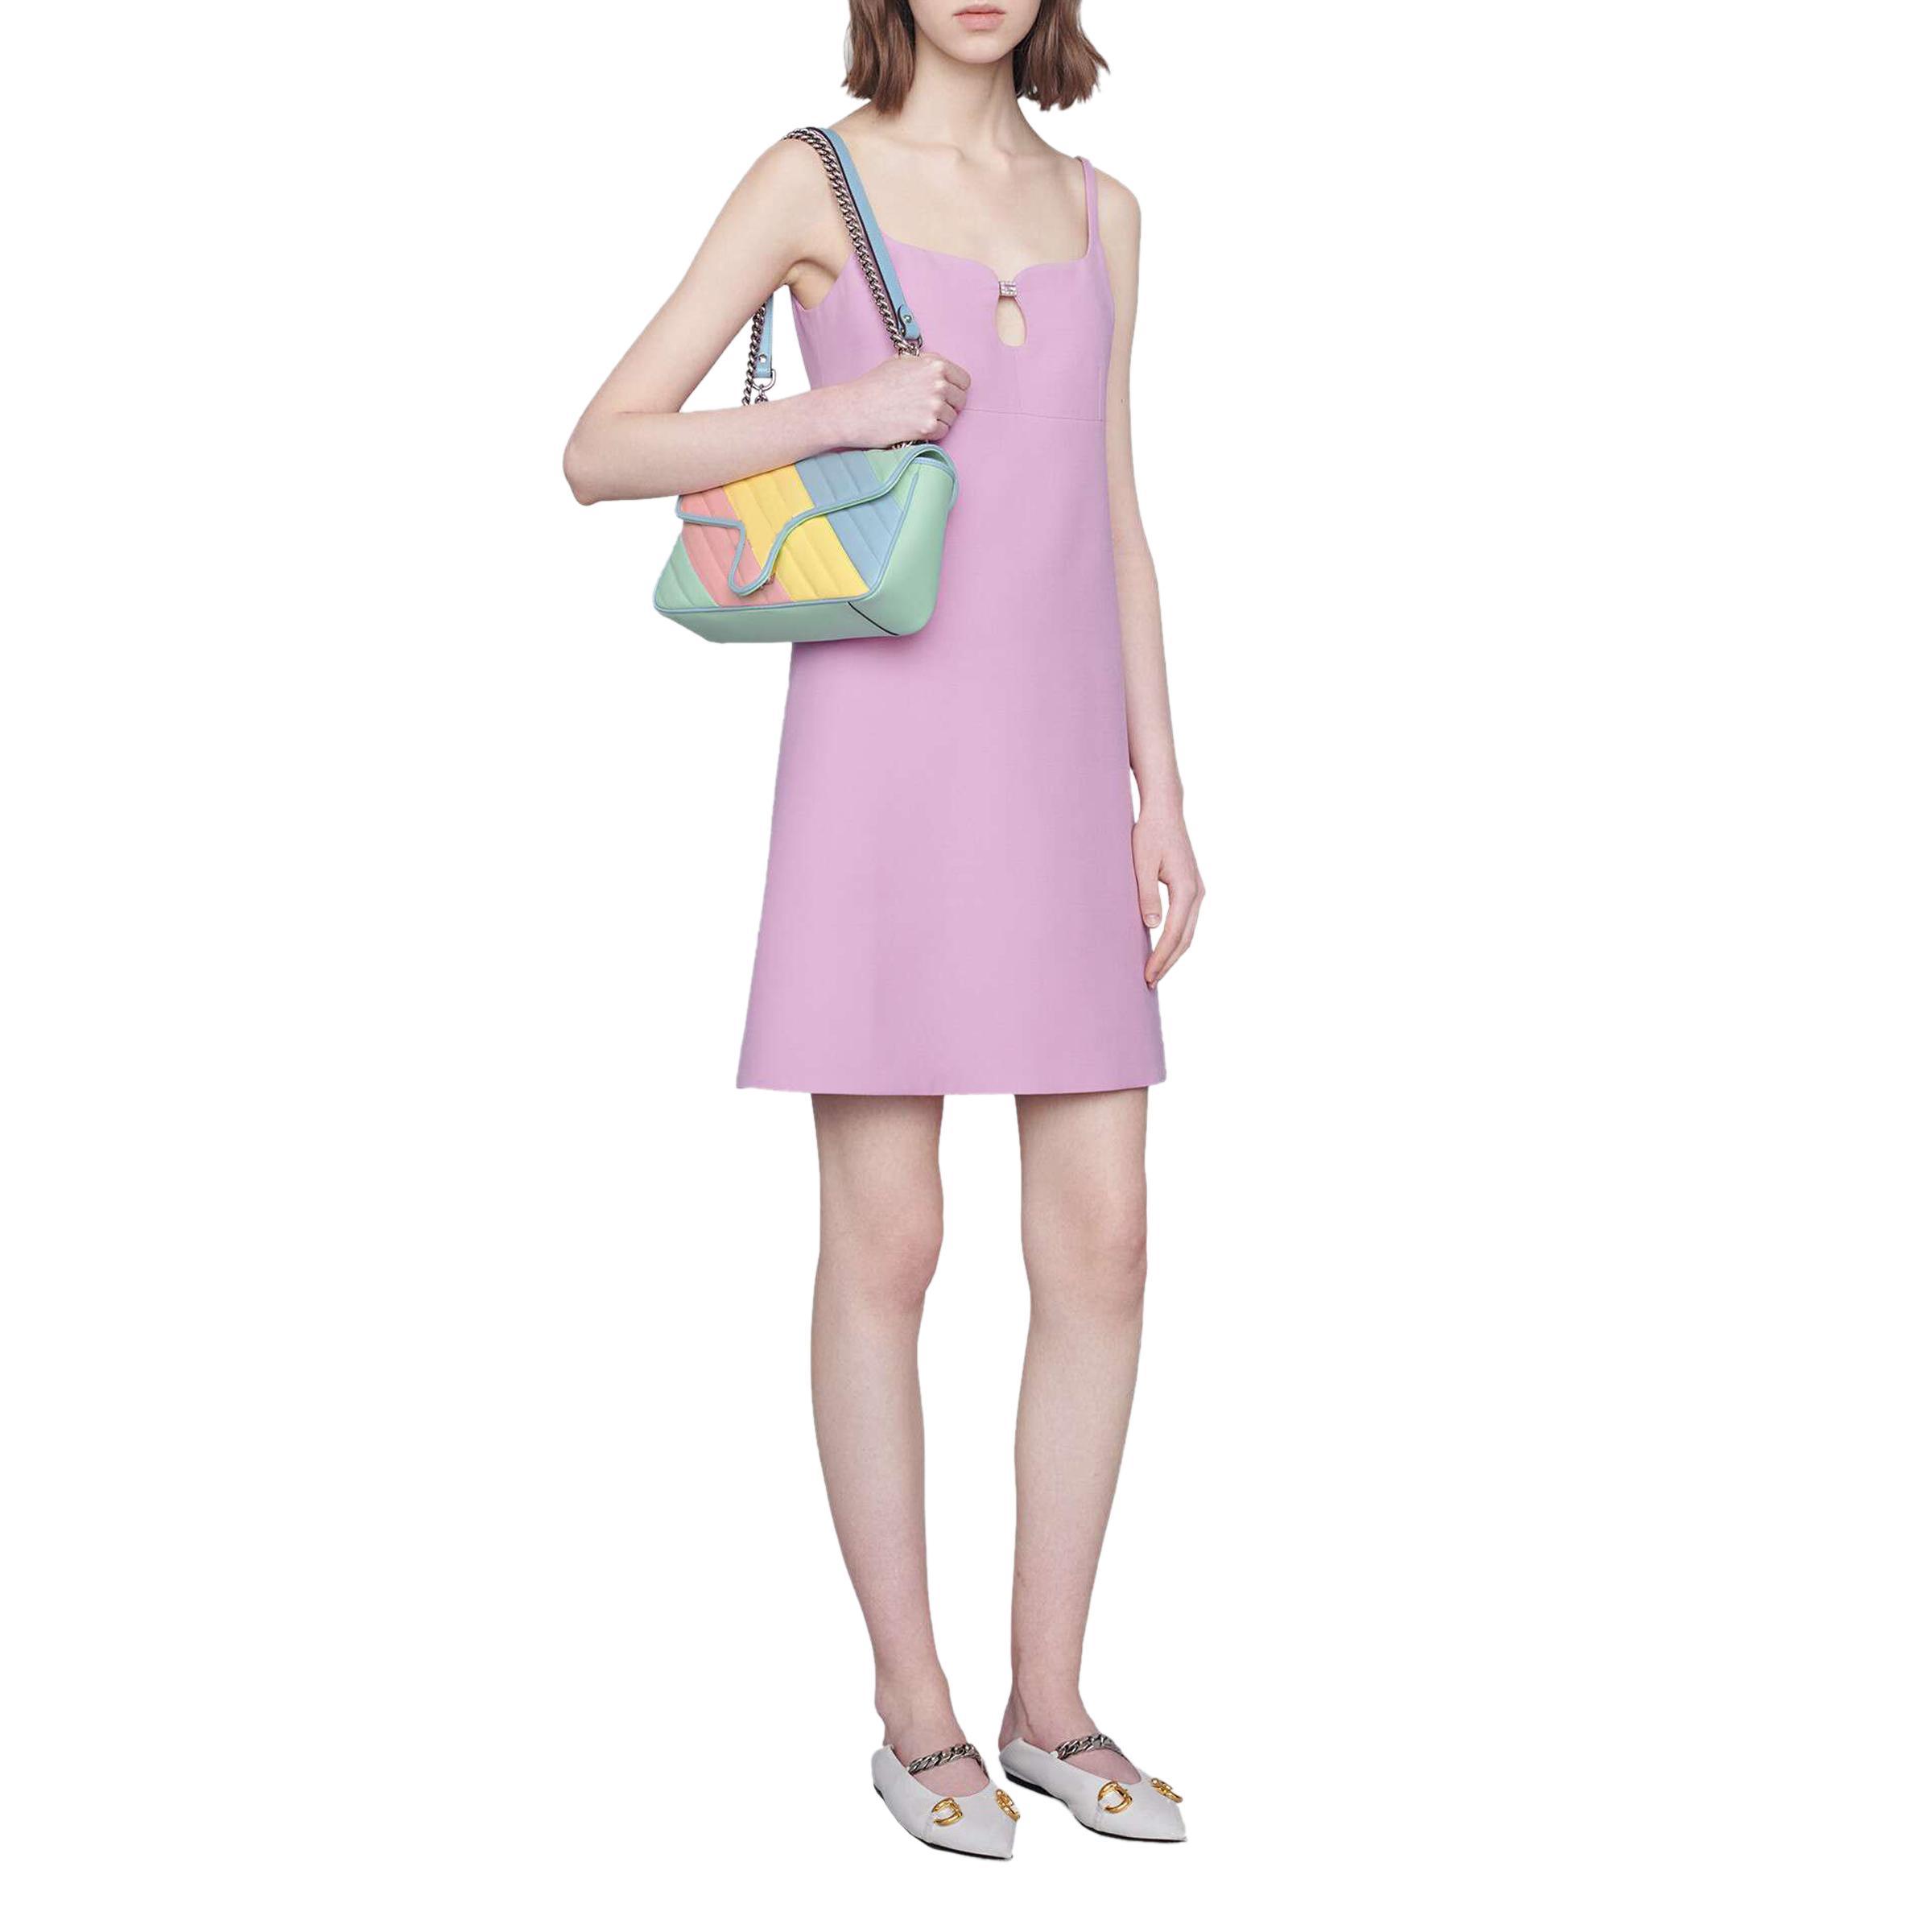 Nouveau style femmes Sacs à bandoulière chaîne Croix d'Argent Sacs à main en cuir Pu corps sac à main Femme Messenger sacs fourre-tout Porte-monnaie Large28CM Small22CM